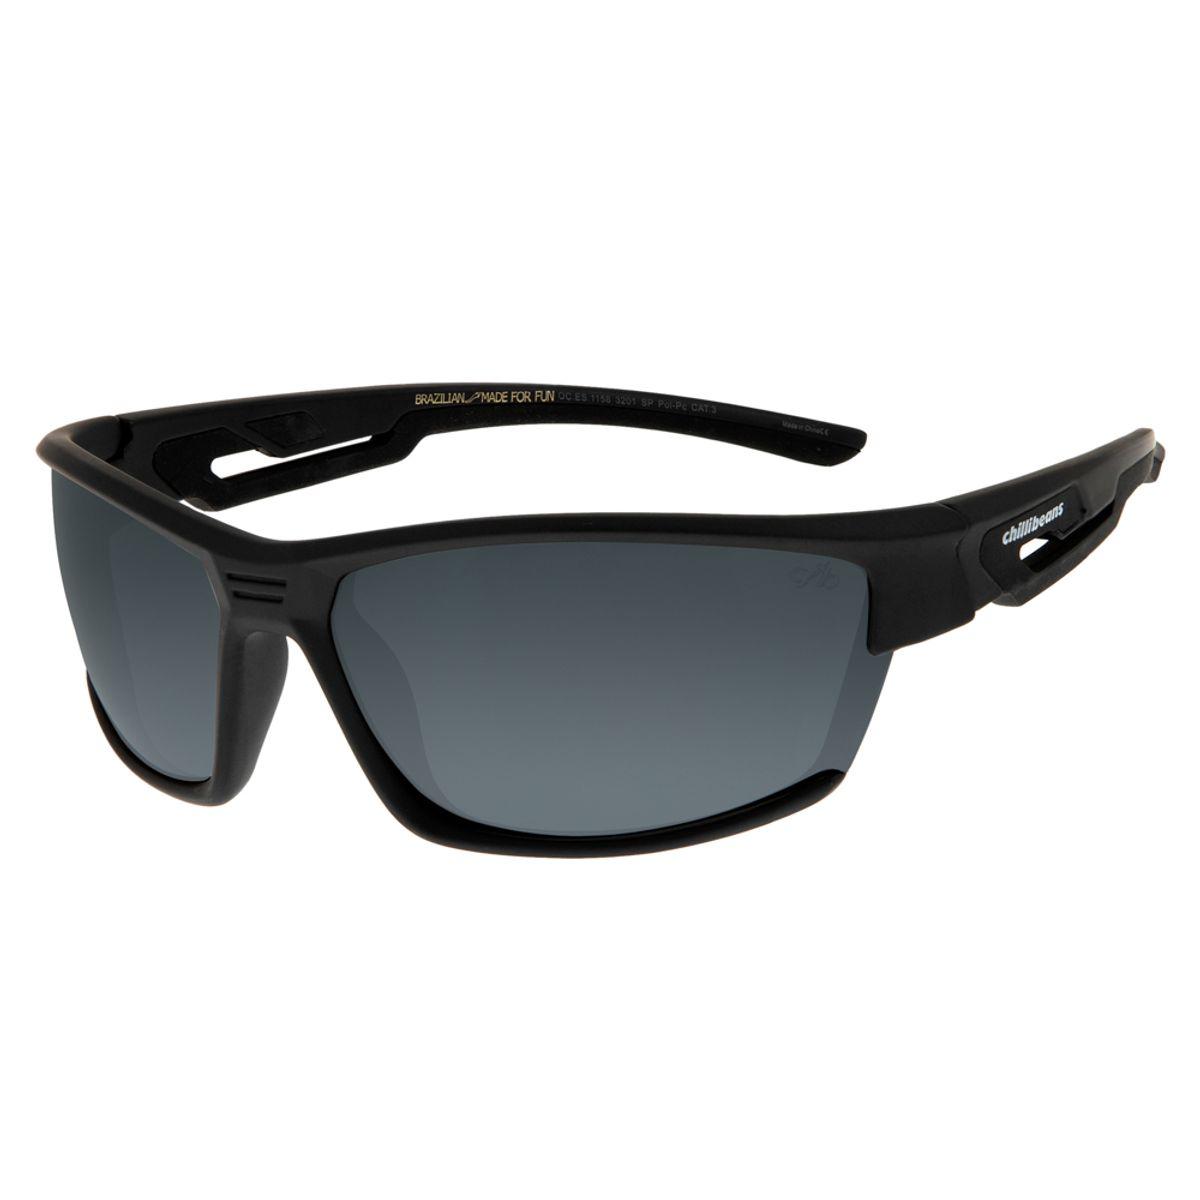 1bea62131 Óculos de Sol Masculino Esportivo Chilli Beans Preto 1158 - OC.ES.1158.3201  M. REF: OC.ES.1158.3201. OC.